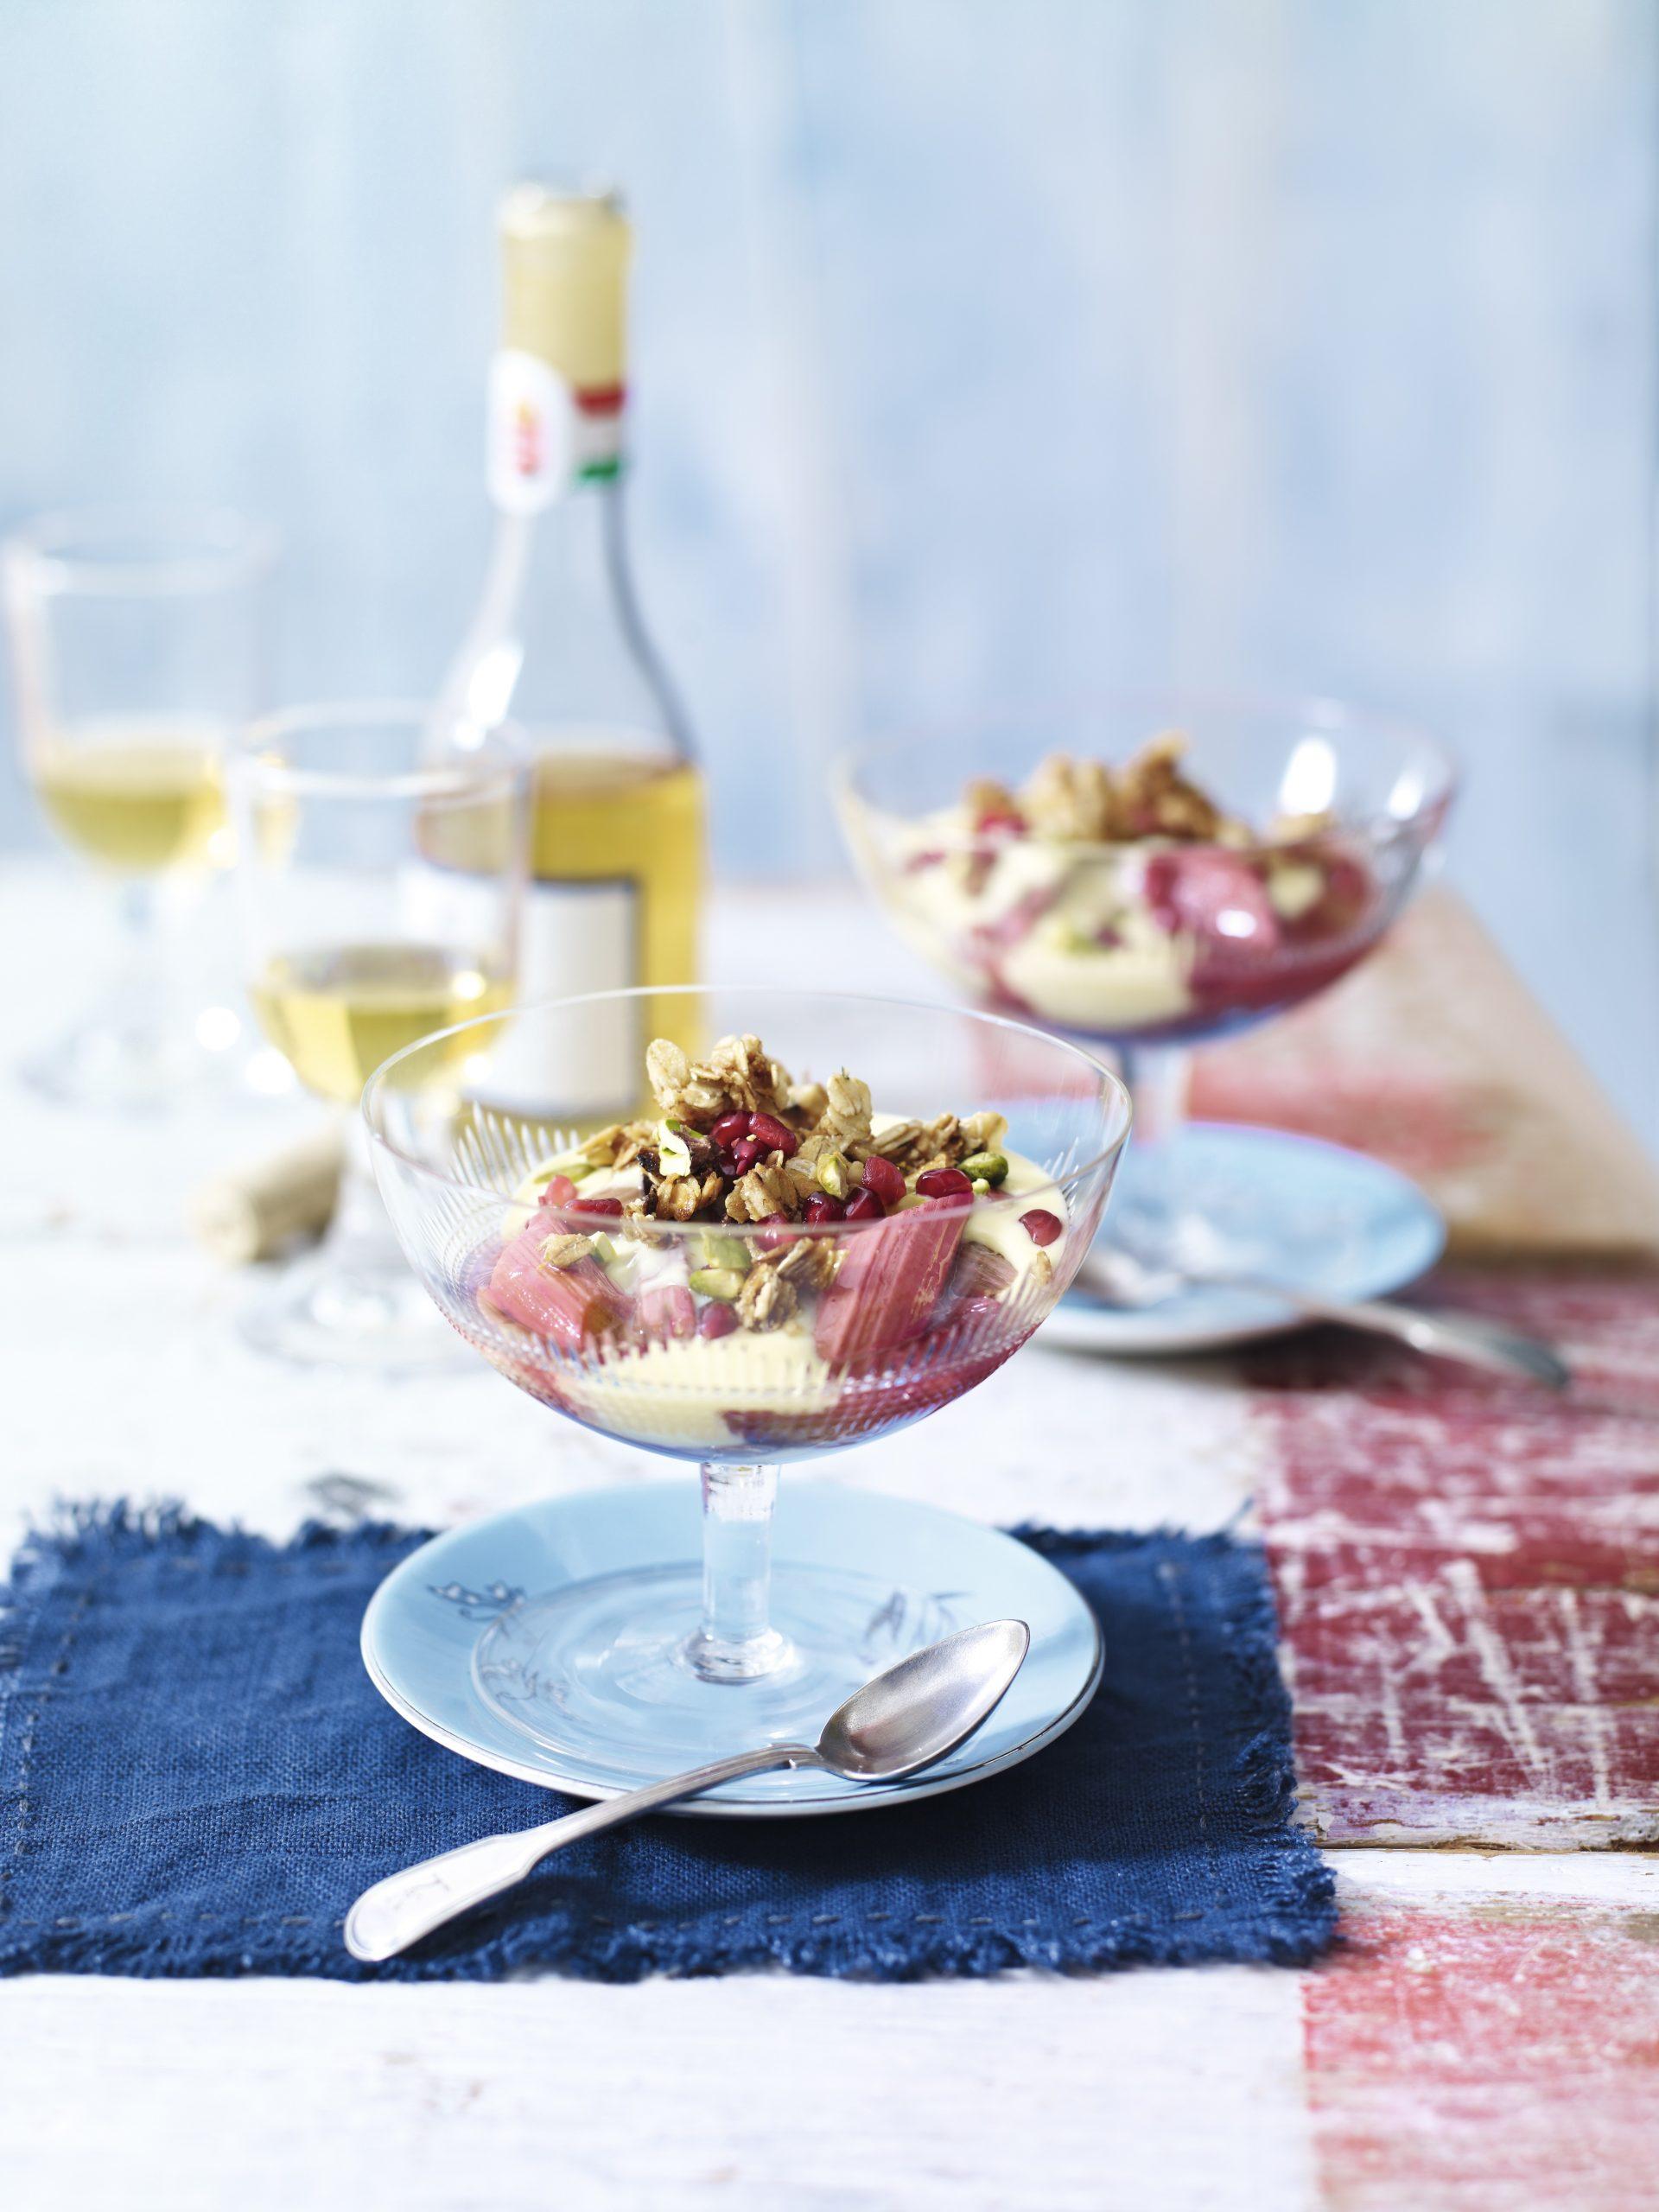 Recipe: Roasted Rhubarb & Custard Crunch